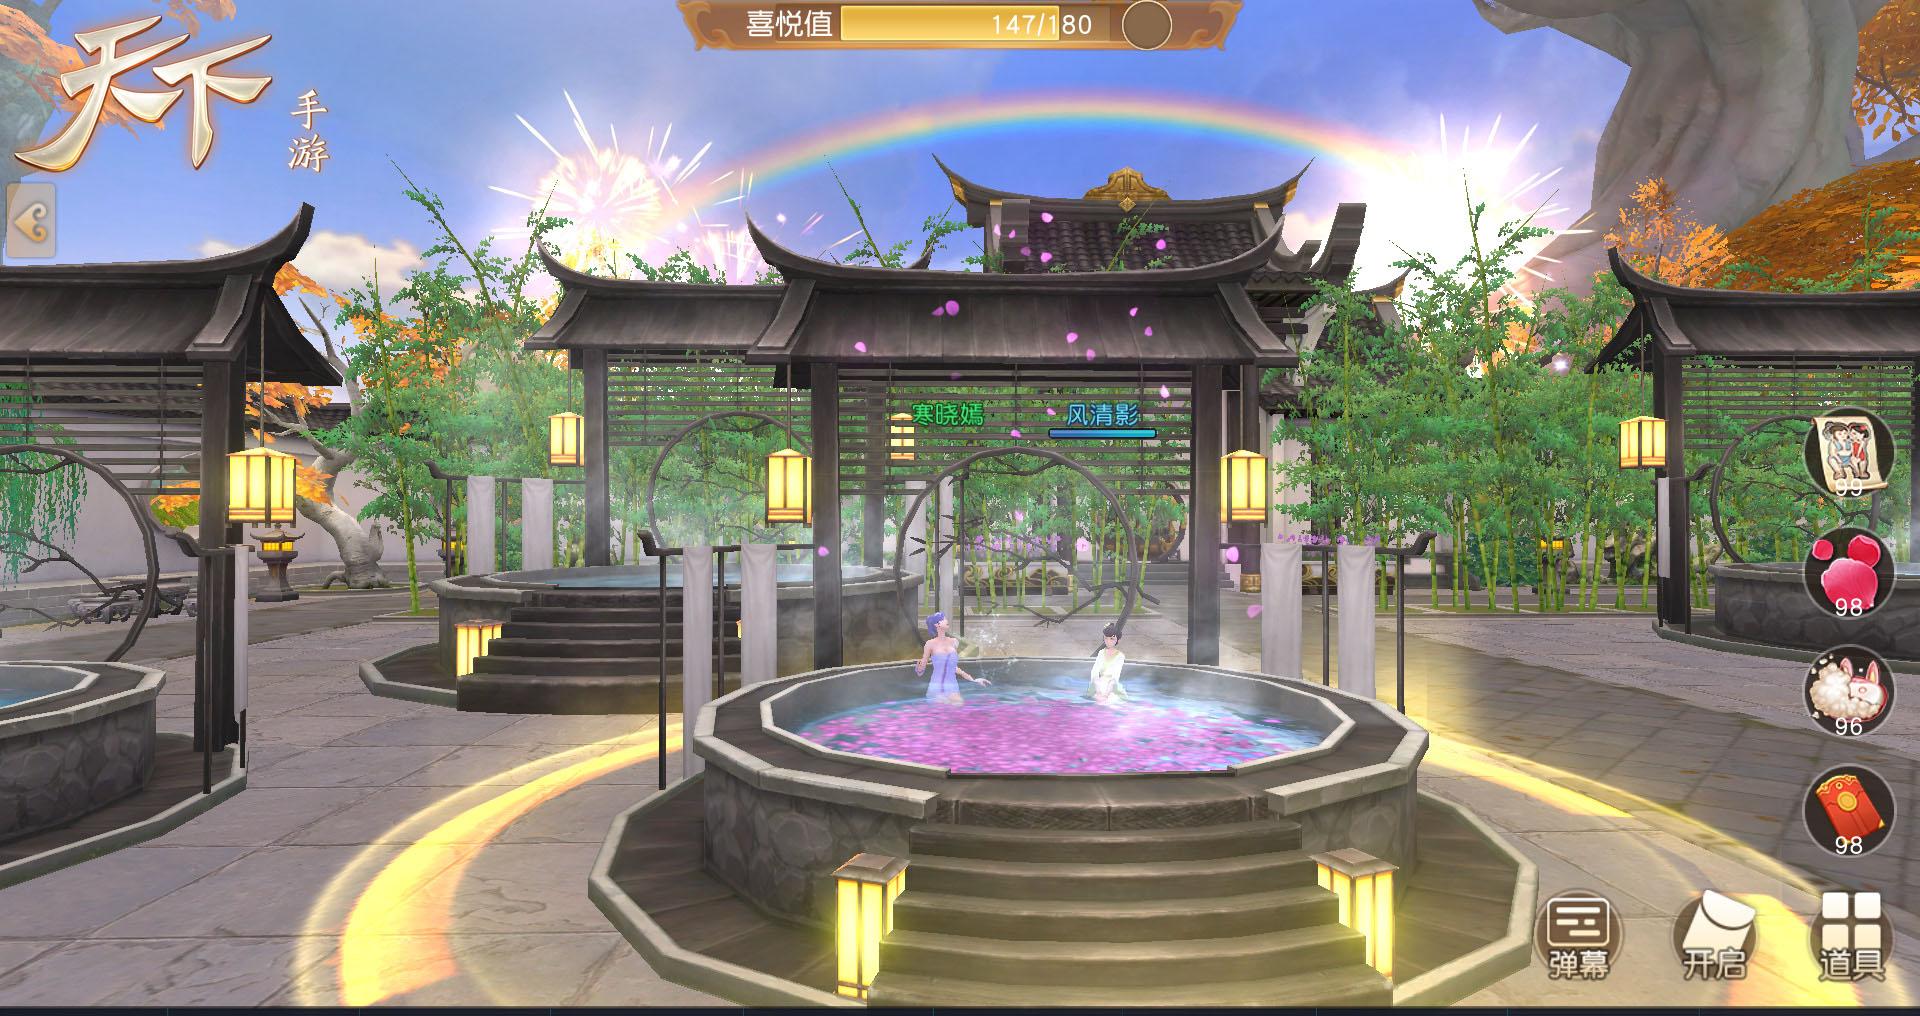 《天下》手游三仙六魔副本开通五星挑战,这个夏天不简单!